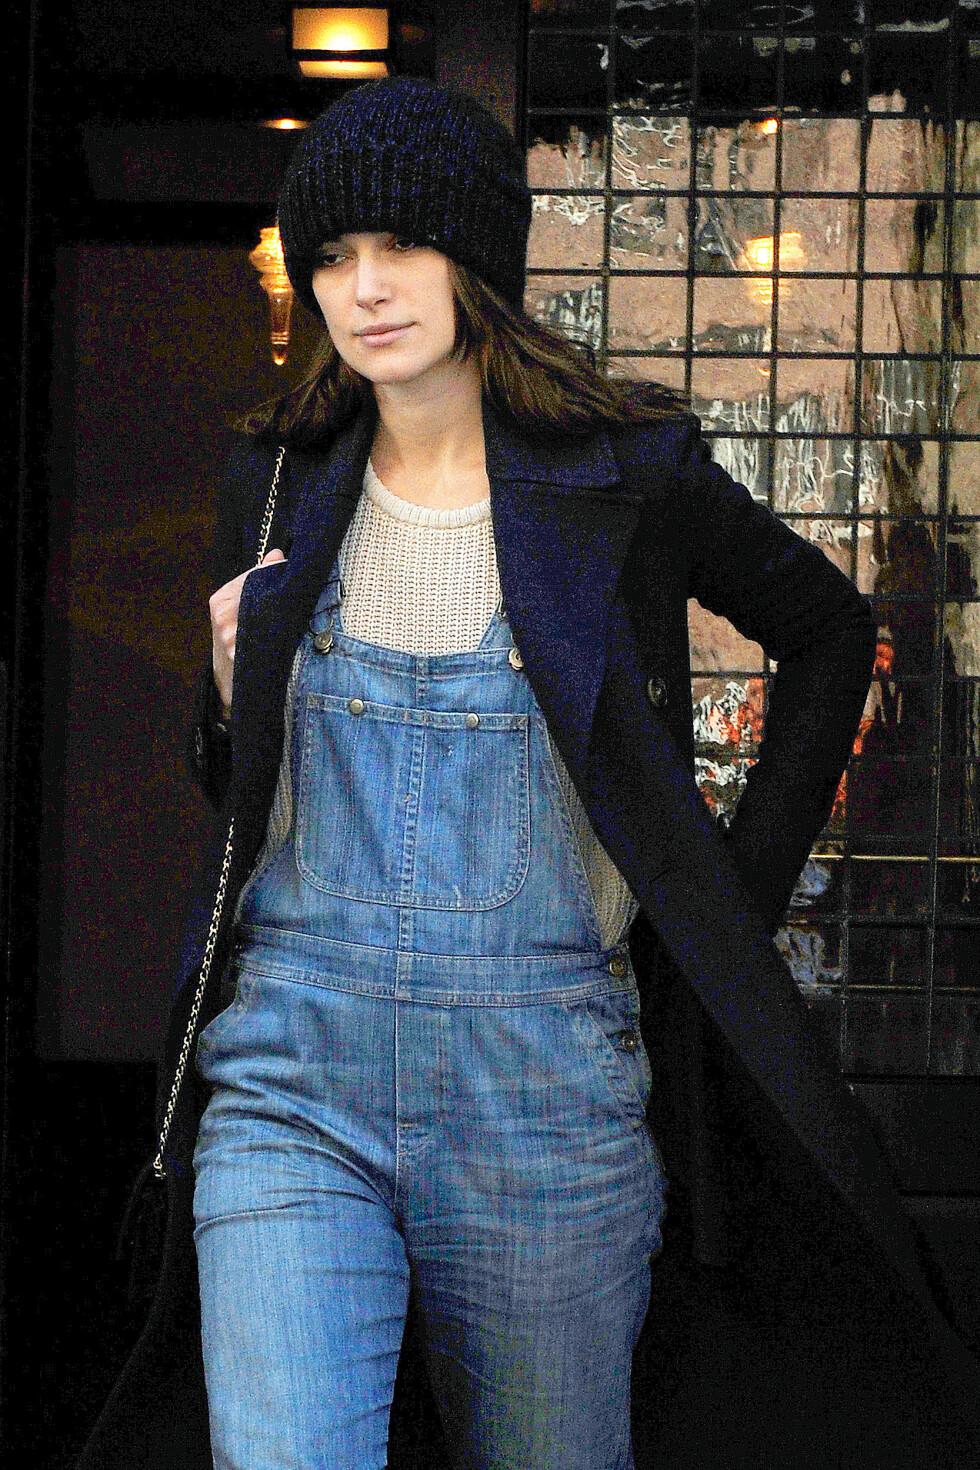 I VIDE KLÆR: Knightley har den siste tiden vist seg i mer løstsittende klær enn til vanlig. Foto: All Over Press